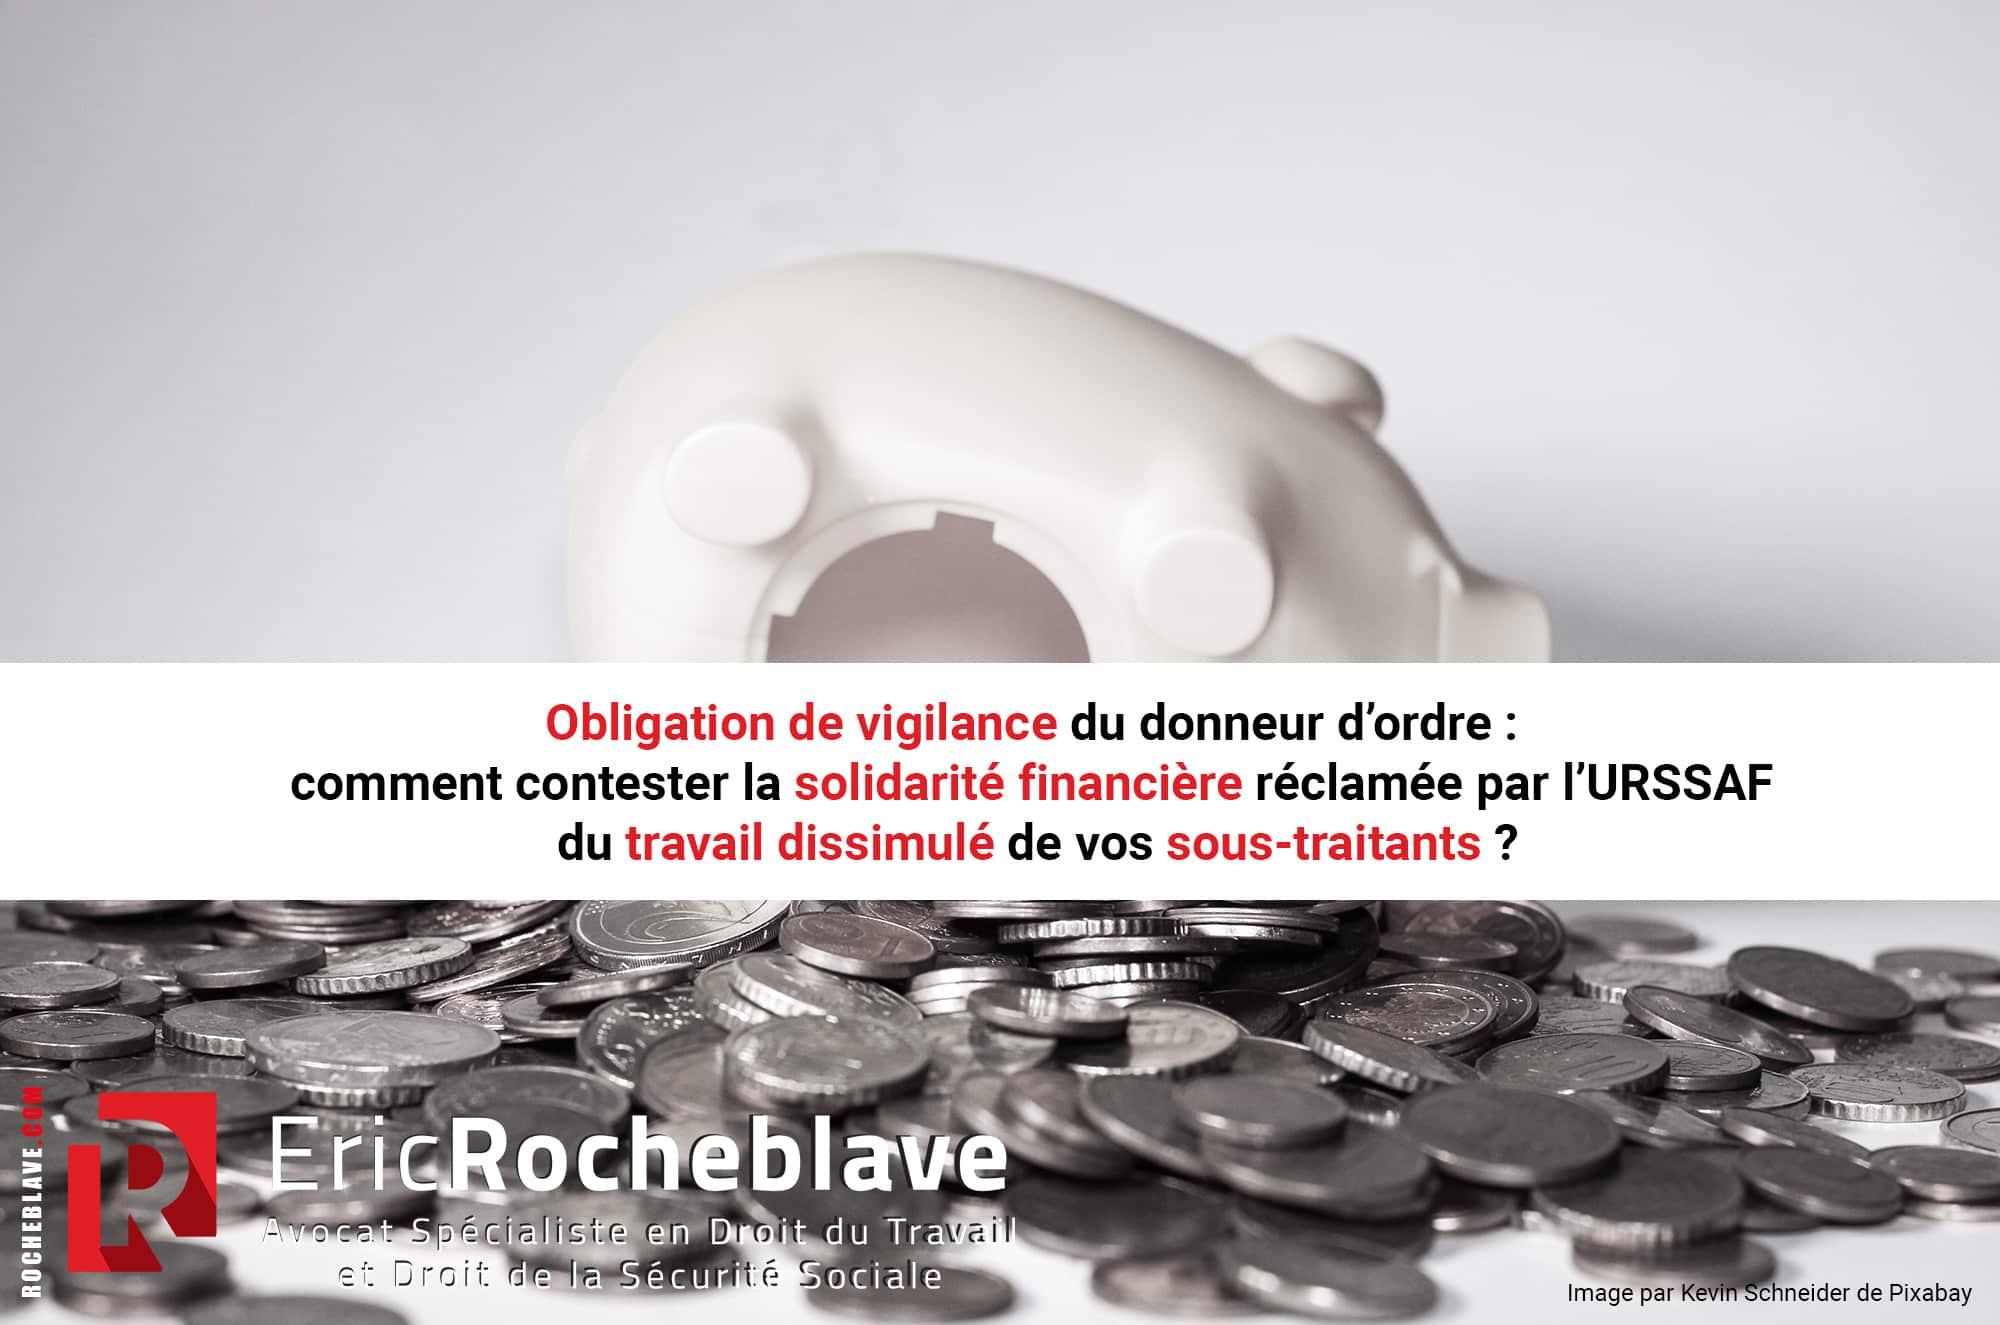 Obligation de vigilance du donneur d'ordre : comment contester la solidarité financière réclamée par l'URSSAF du travail dissimulé de vos sous-traitants ?